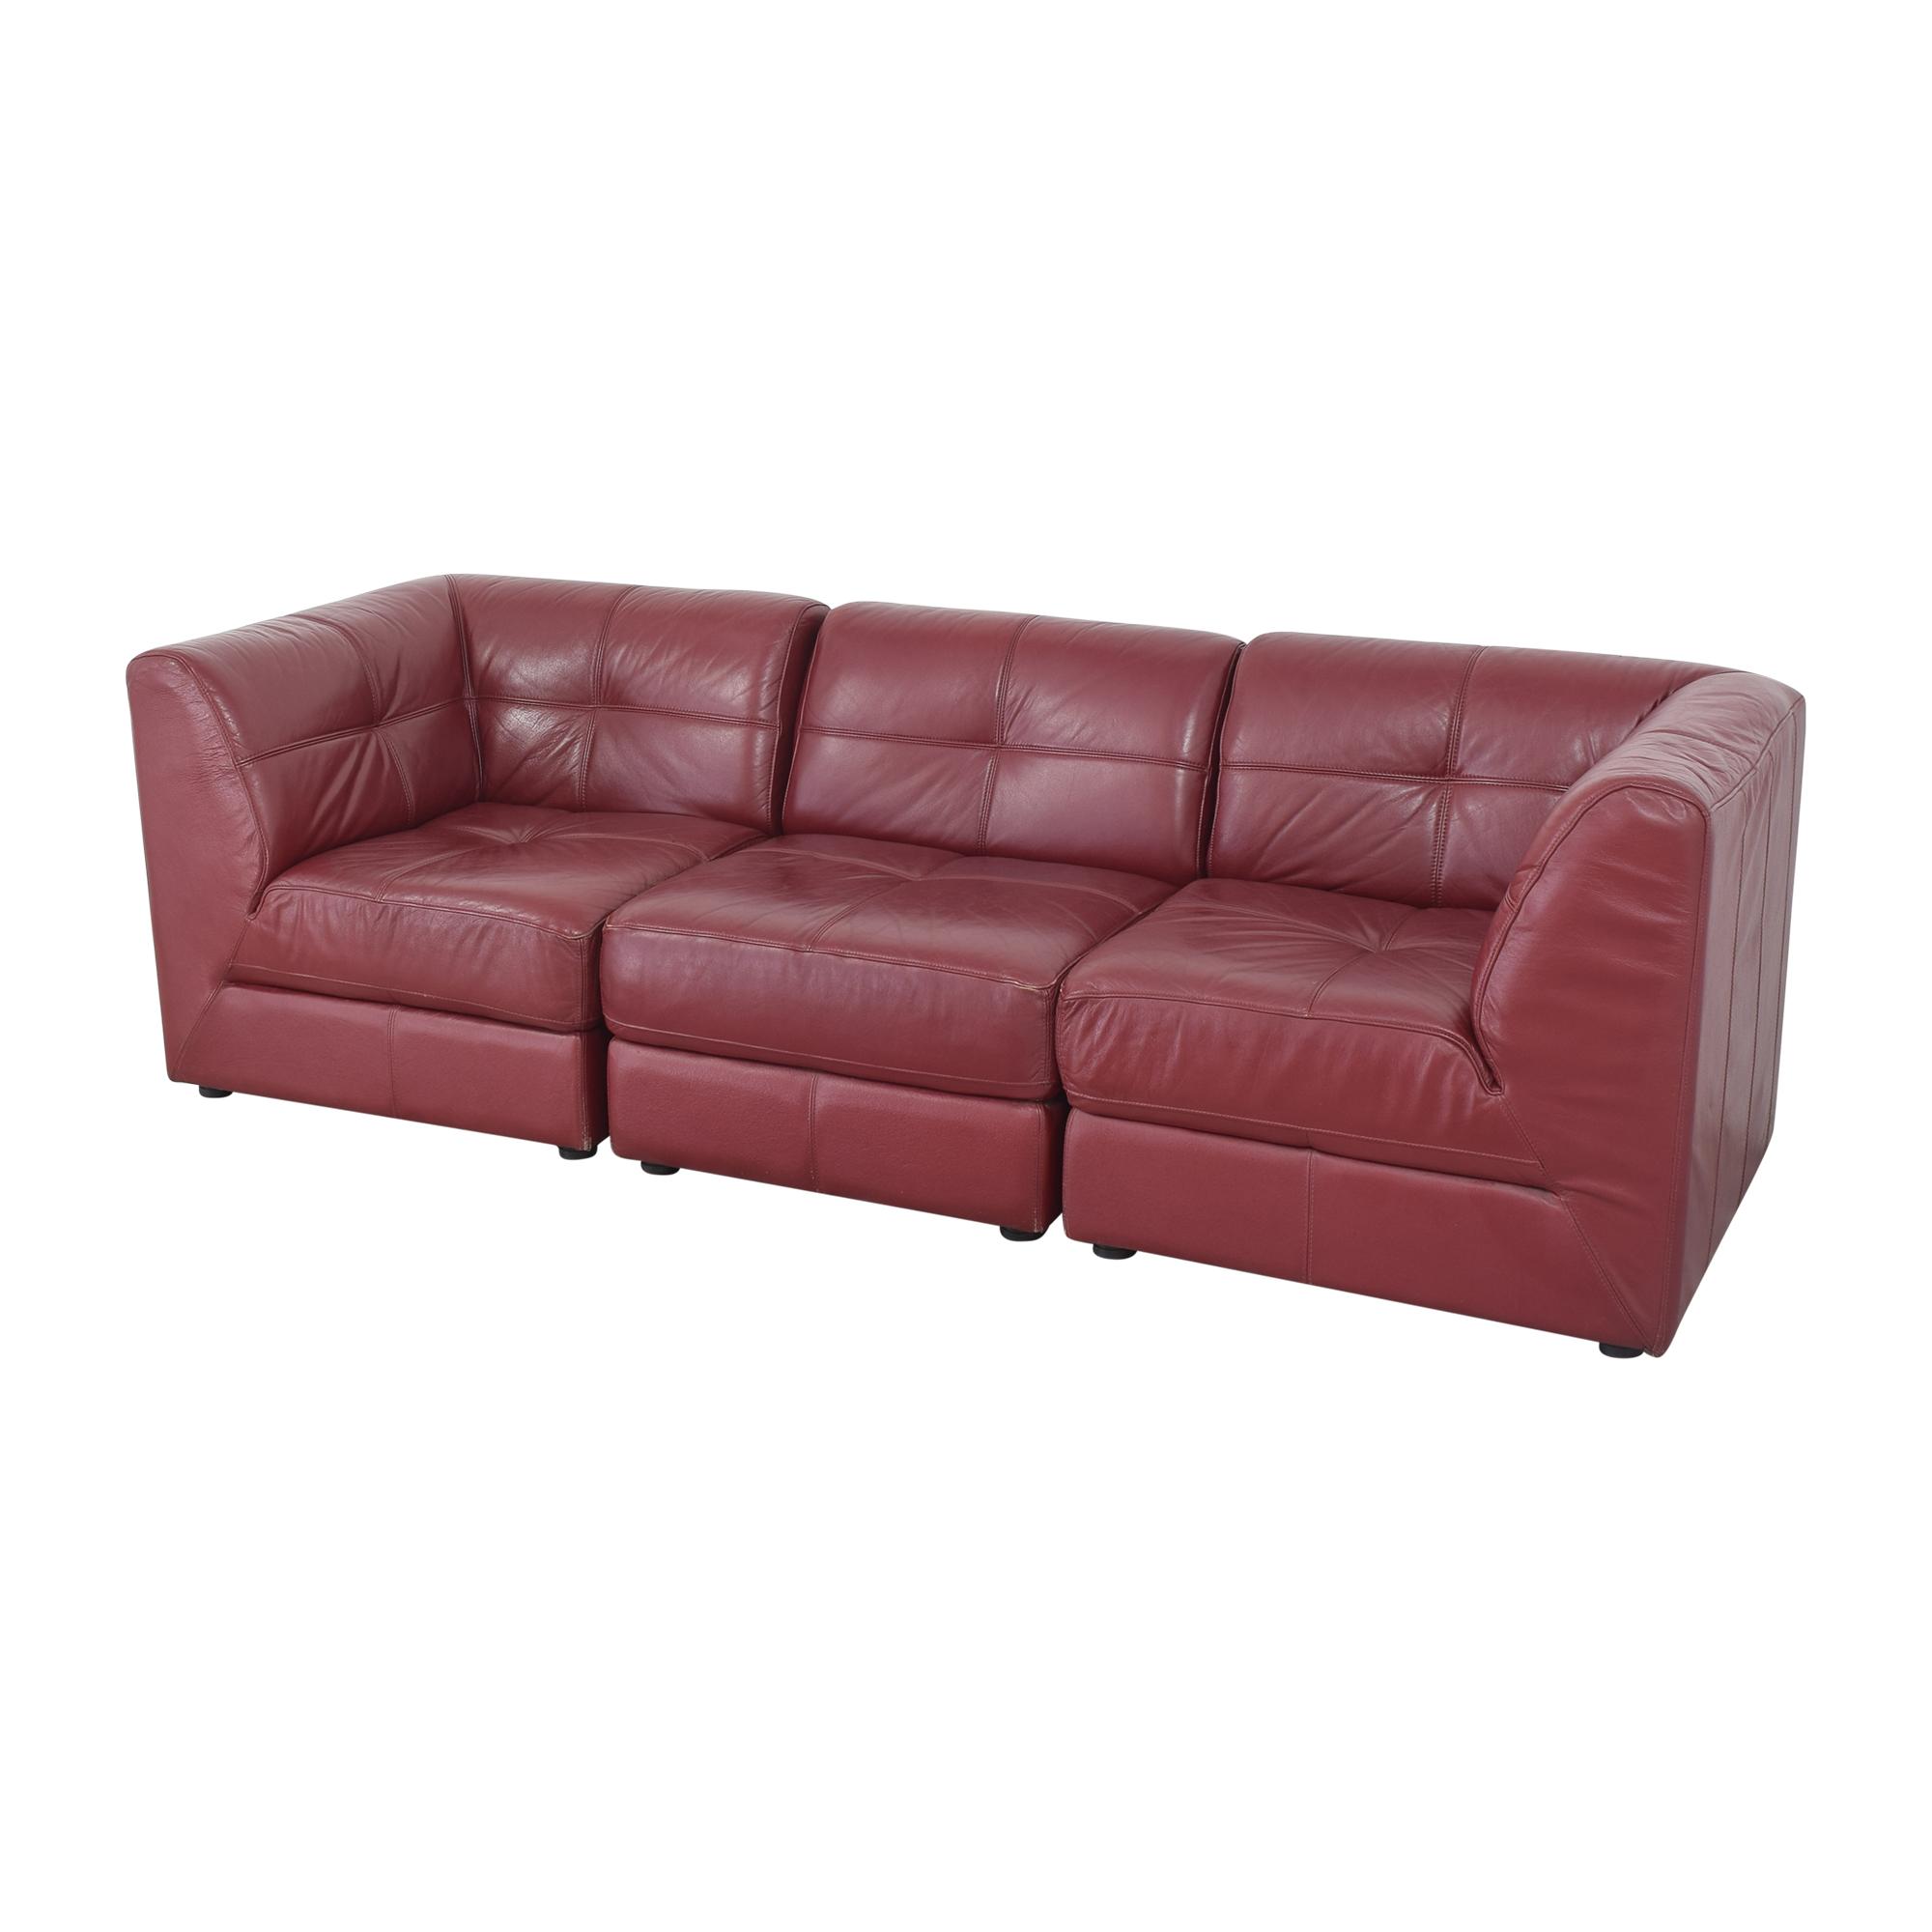 buy Raymour & Flanigan Modular Sofa Raymour & Flanigan